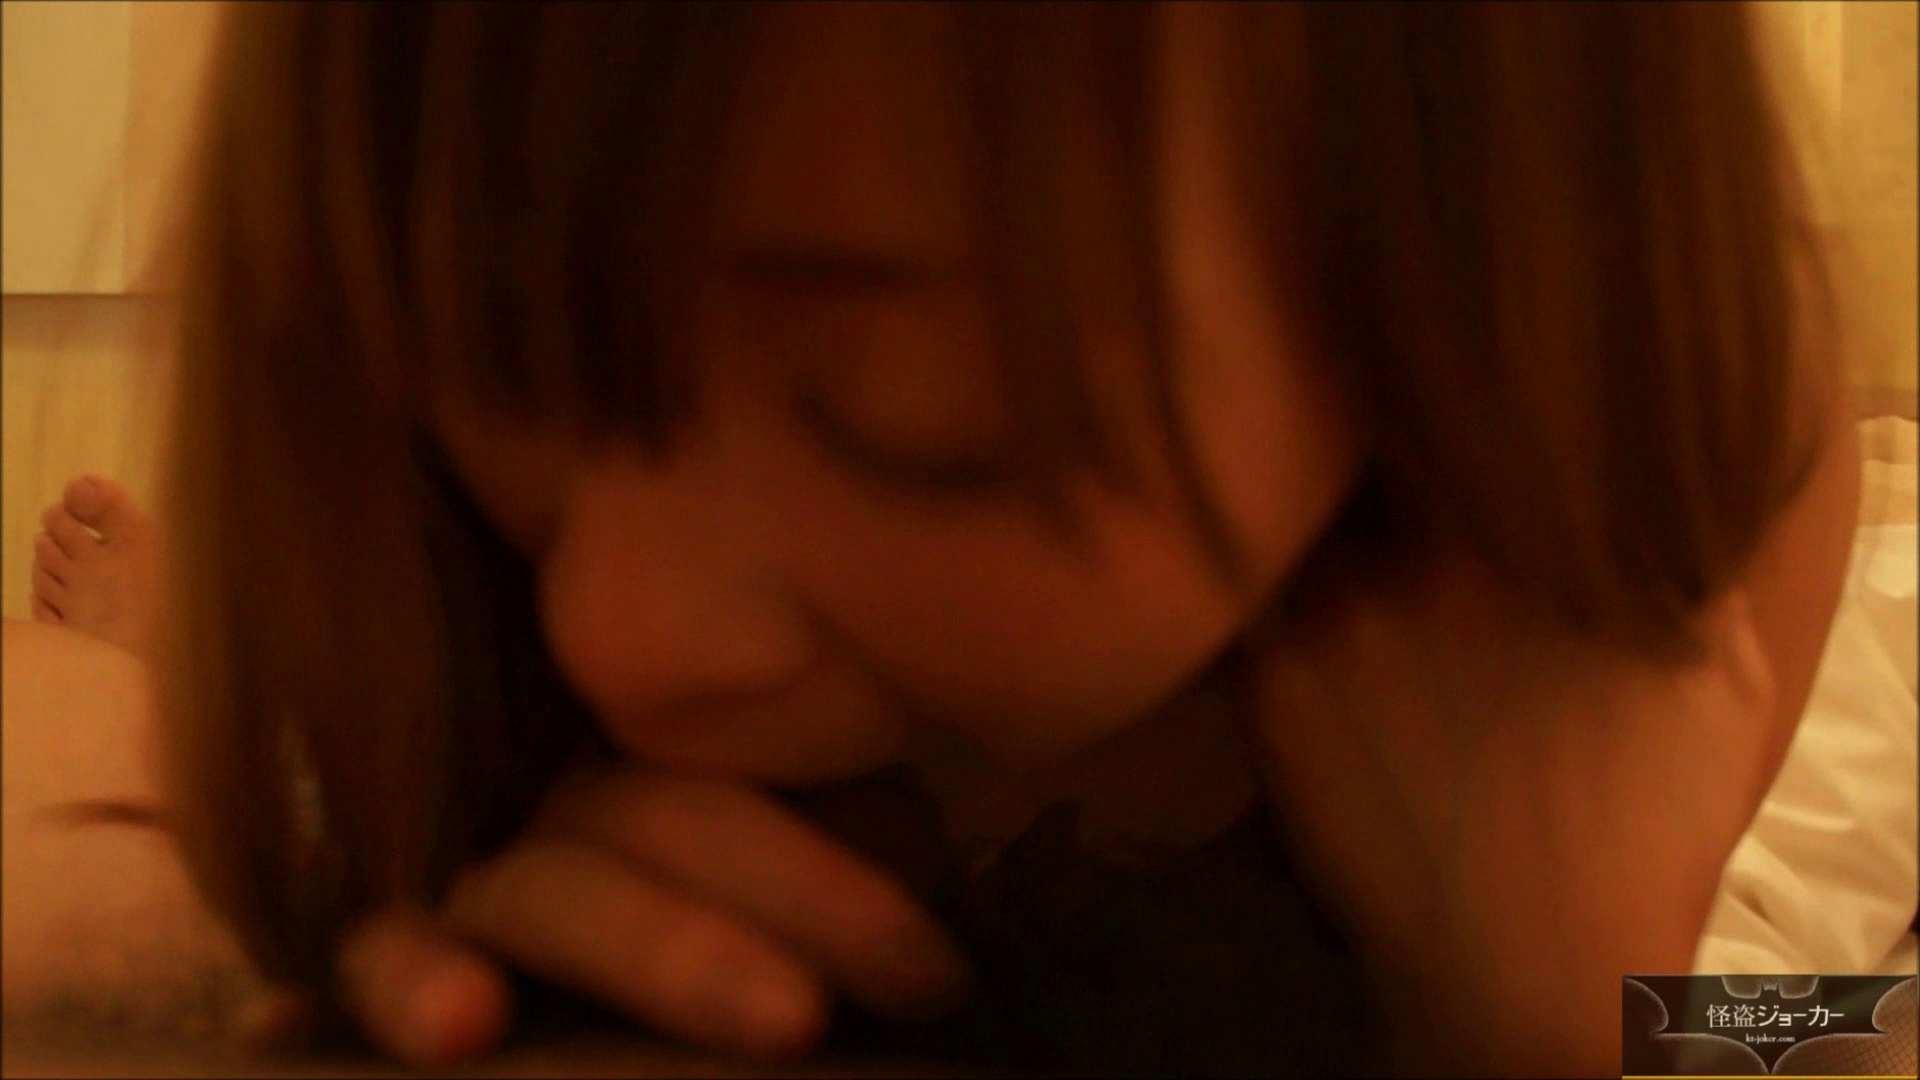 【未公開】vol.36 【援助】鏡越しの朋葉を見ながら・・・ 丸見え セックス画像 88枚 63